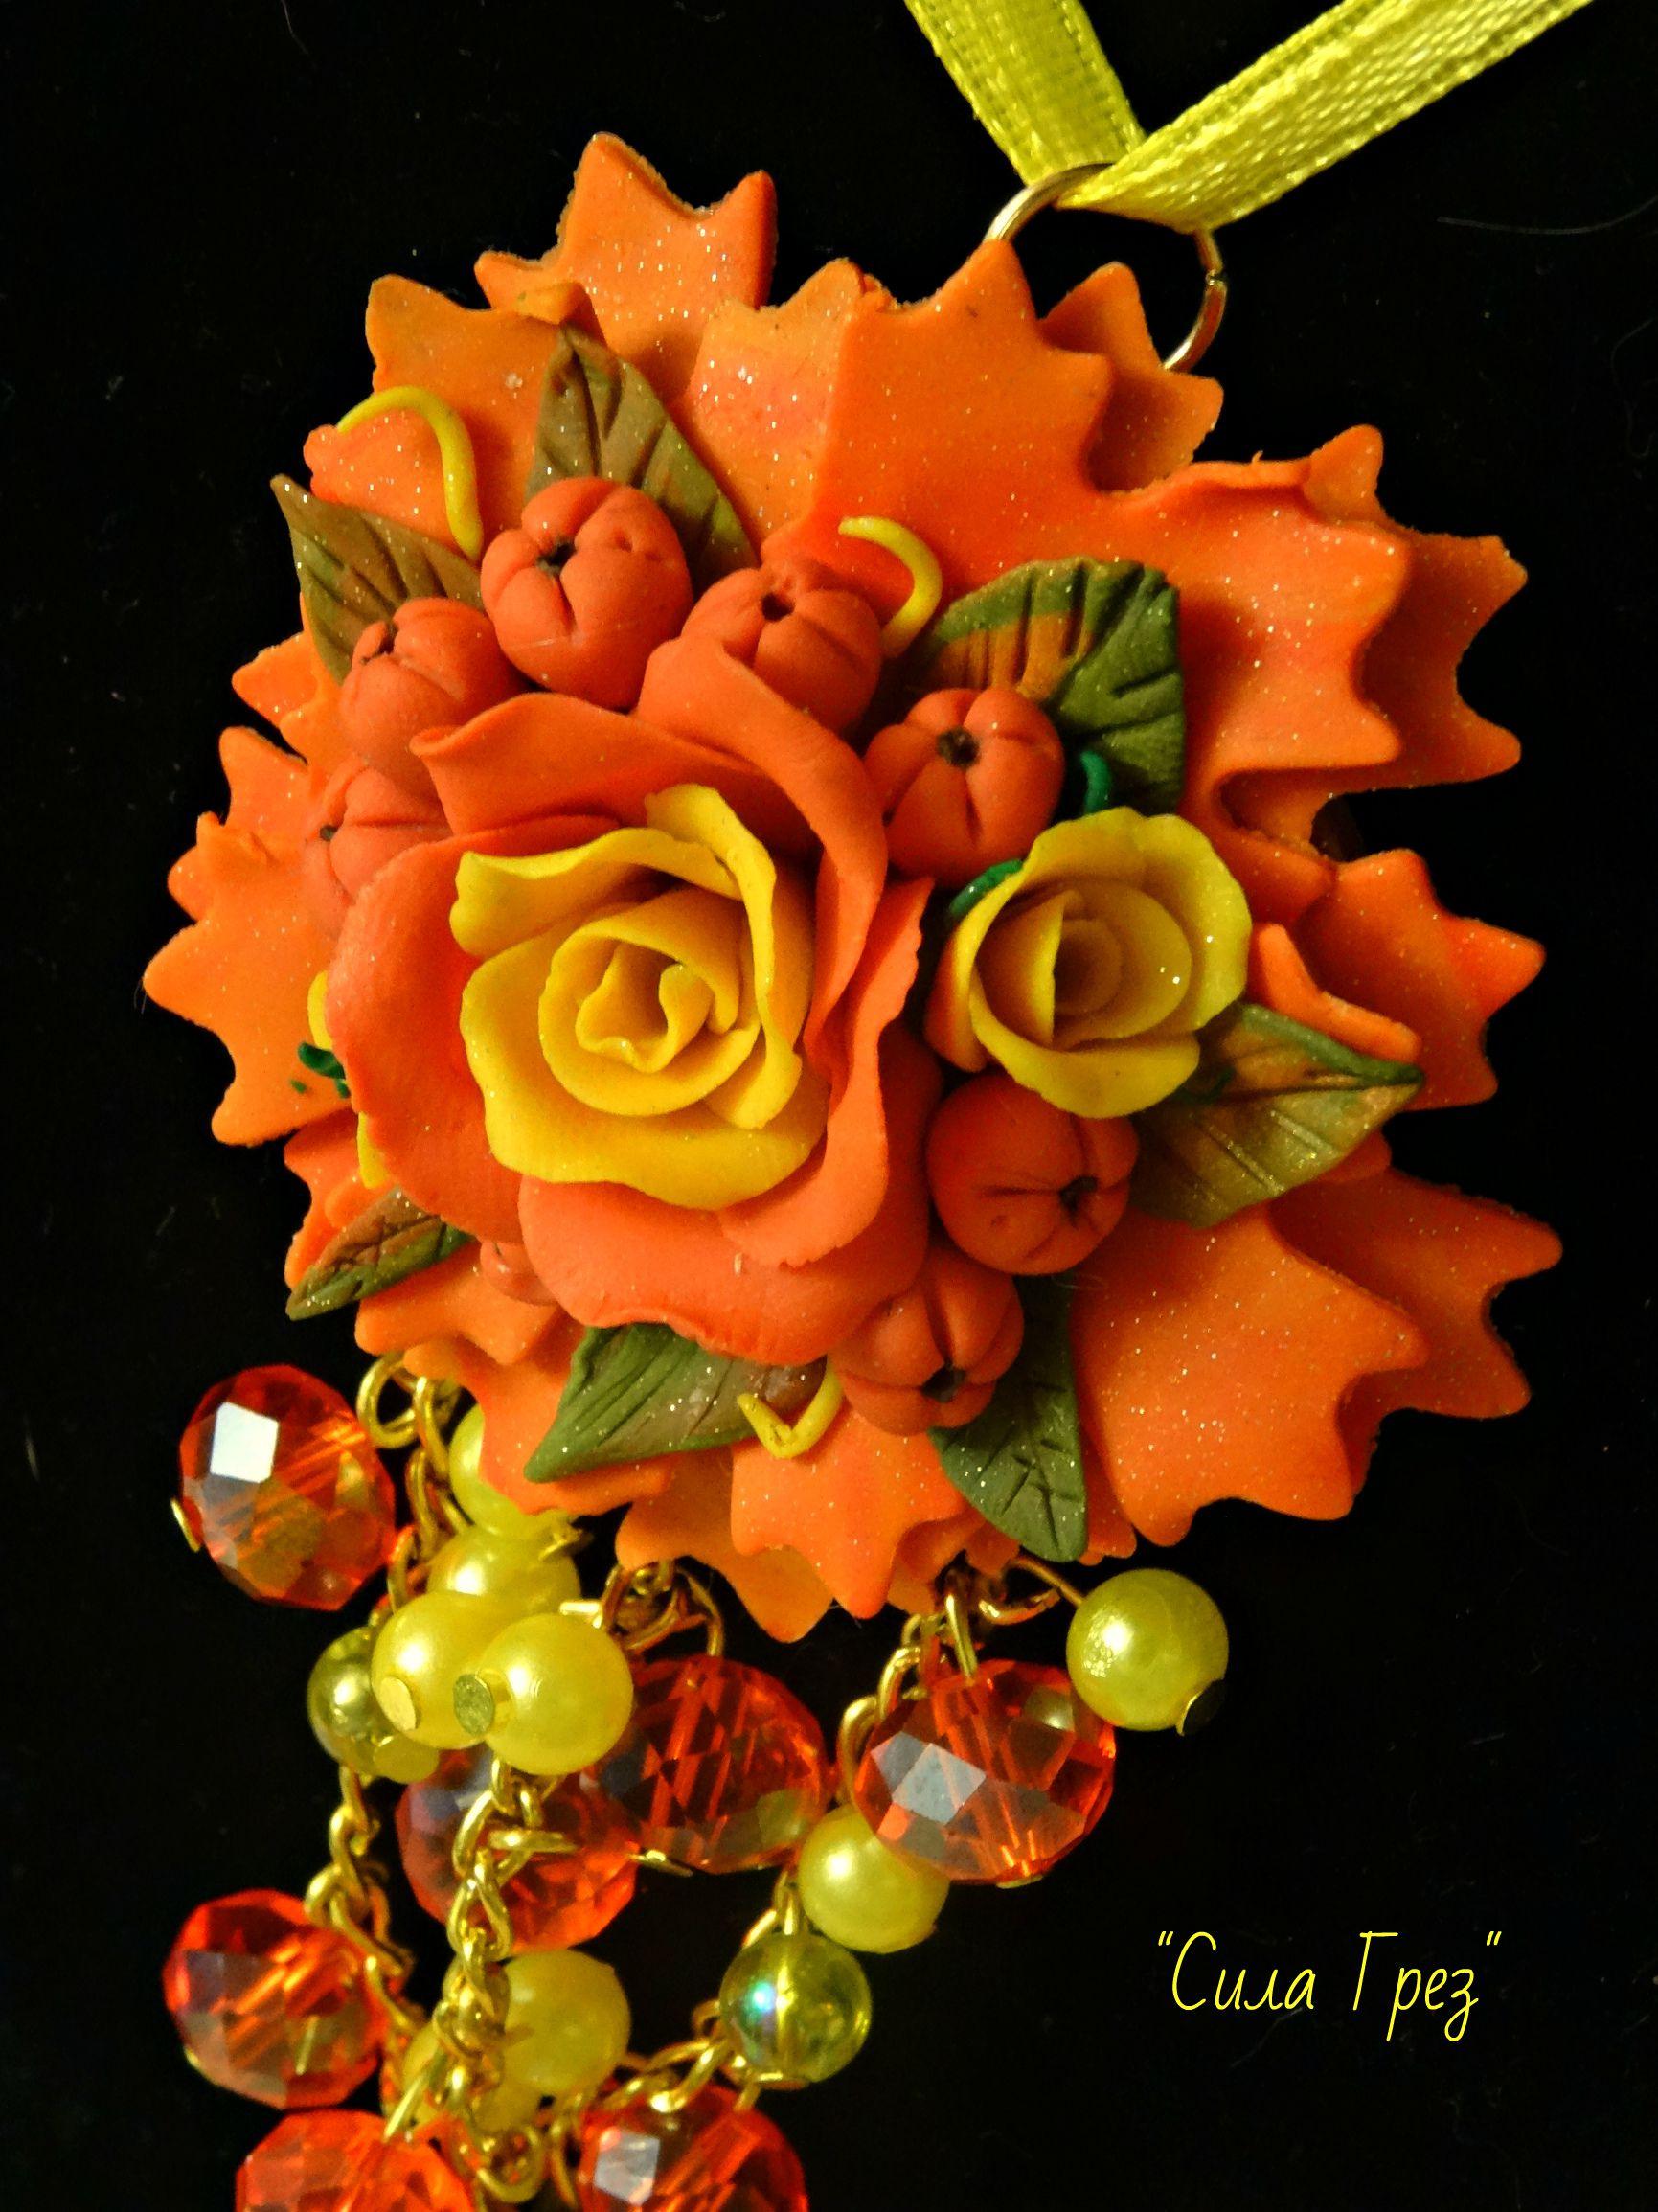 полимерная глина подарок кулон работа осень ручная украшение рябина розы клен